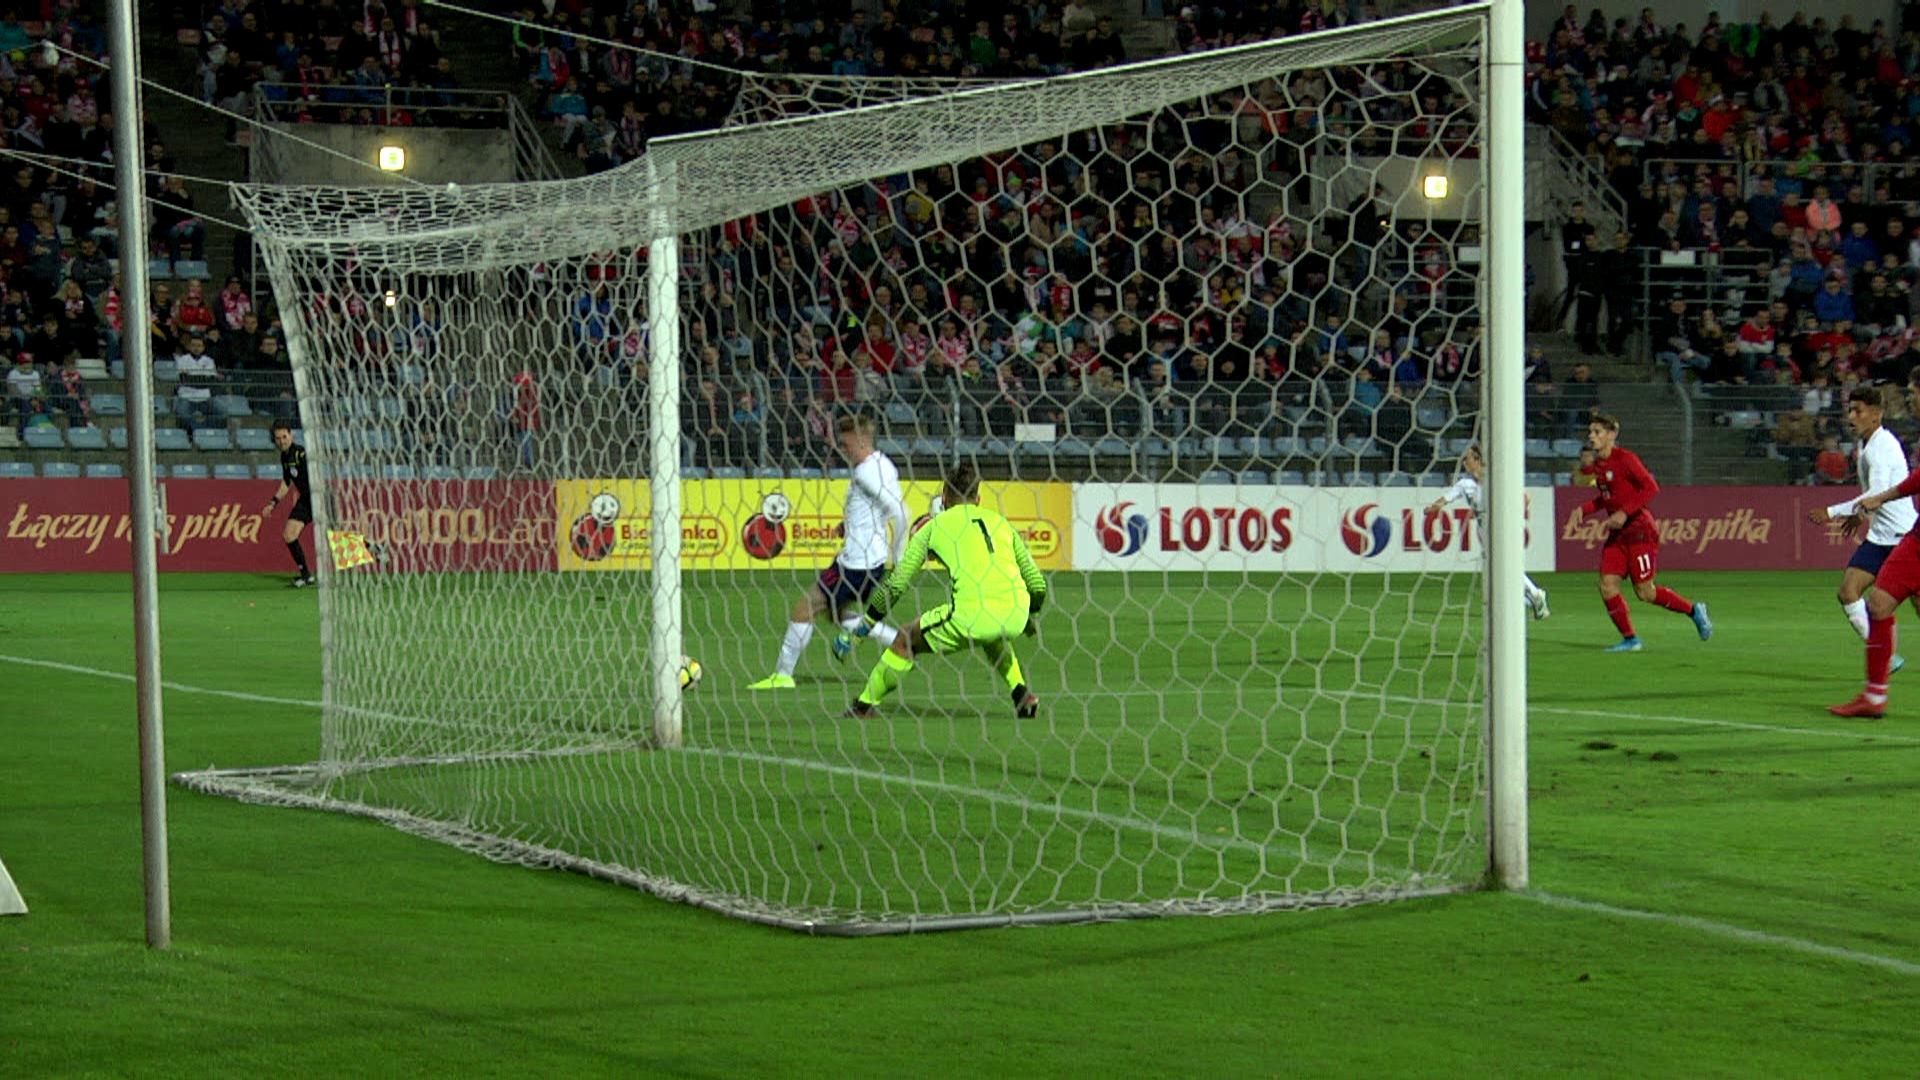 Mecz towarzyski drużyn do lat 19 Polska - Anglia (2:5) w Opolu. 11.10.2019.